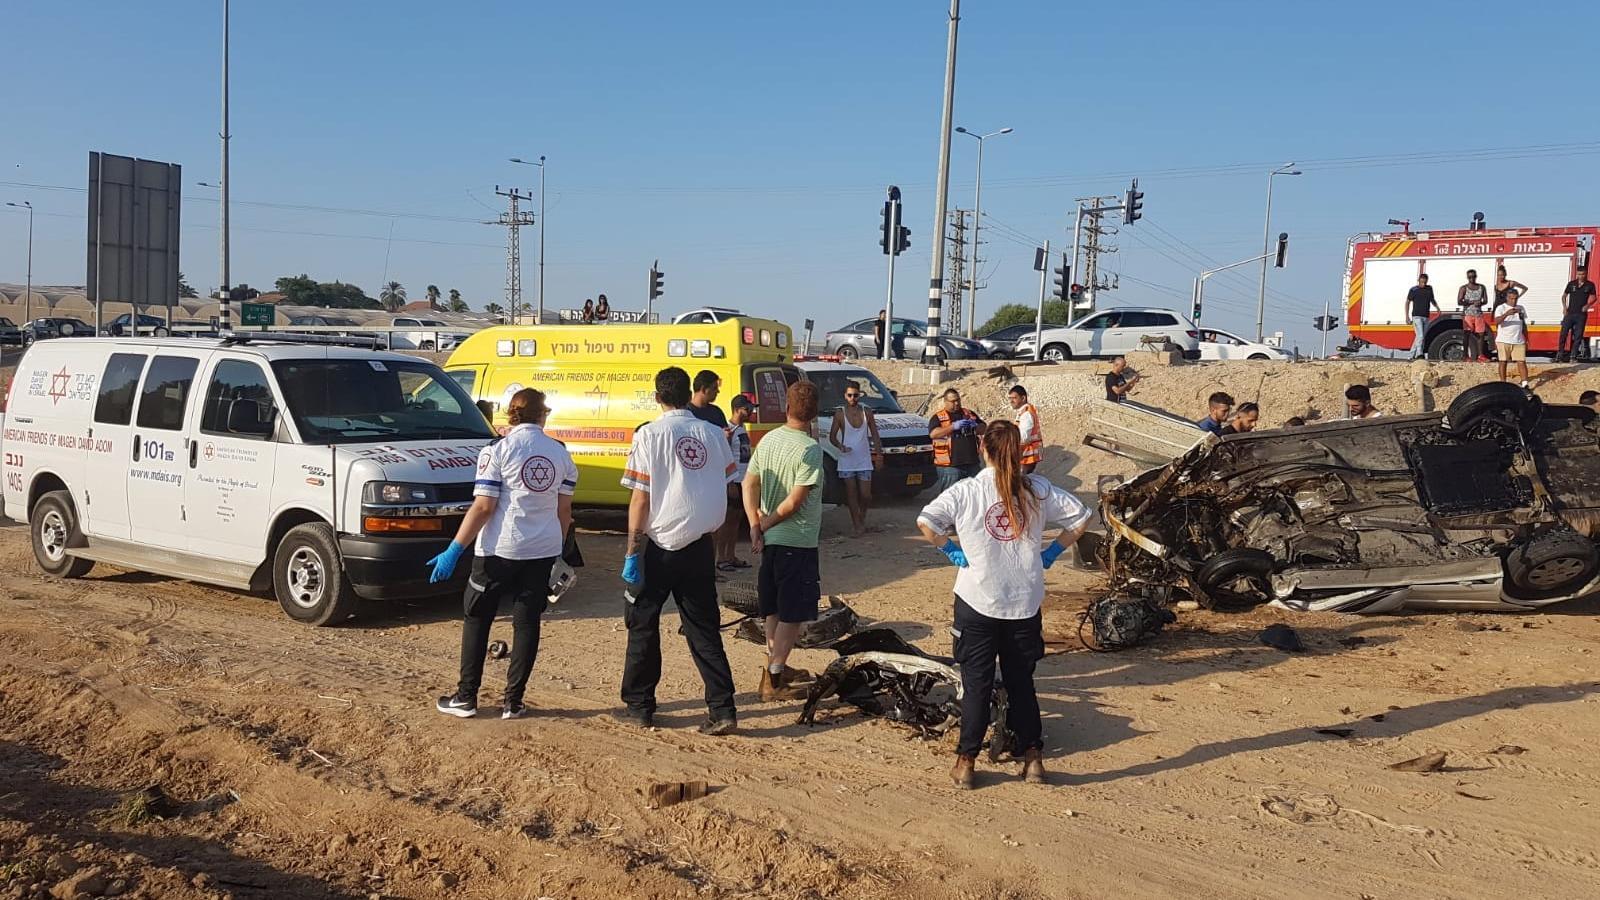 פצוע קשה בתאונת דרכים בכביש 25 סמוך לבית הגדי